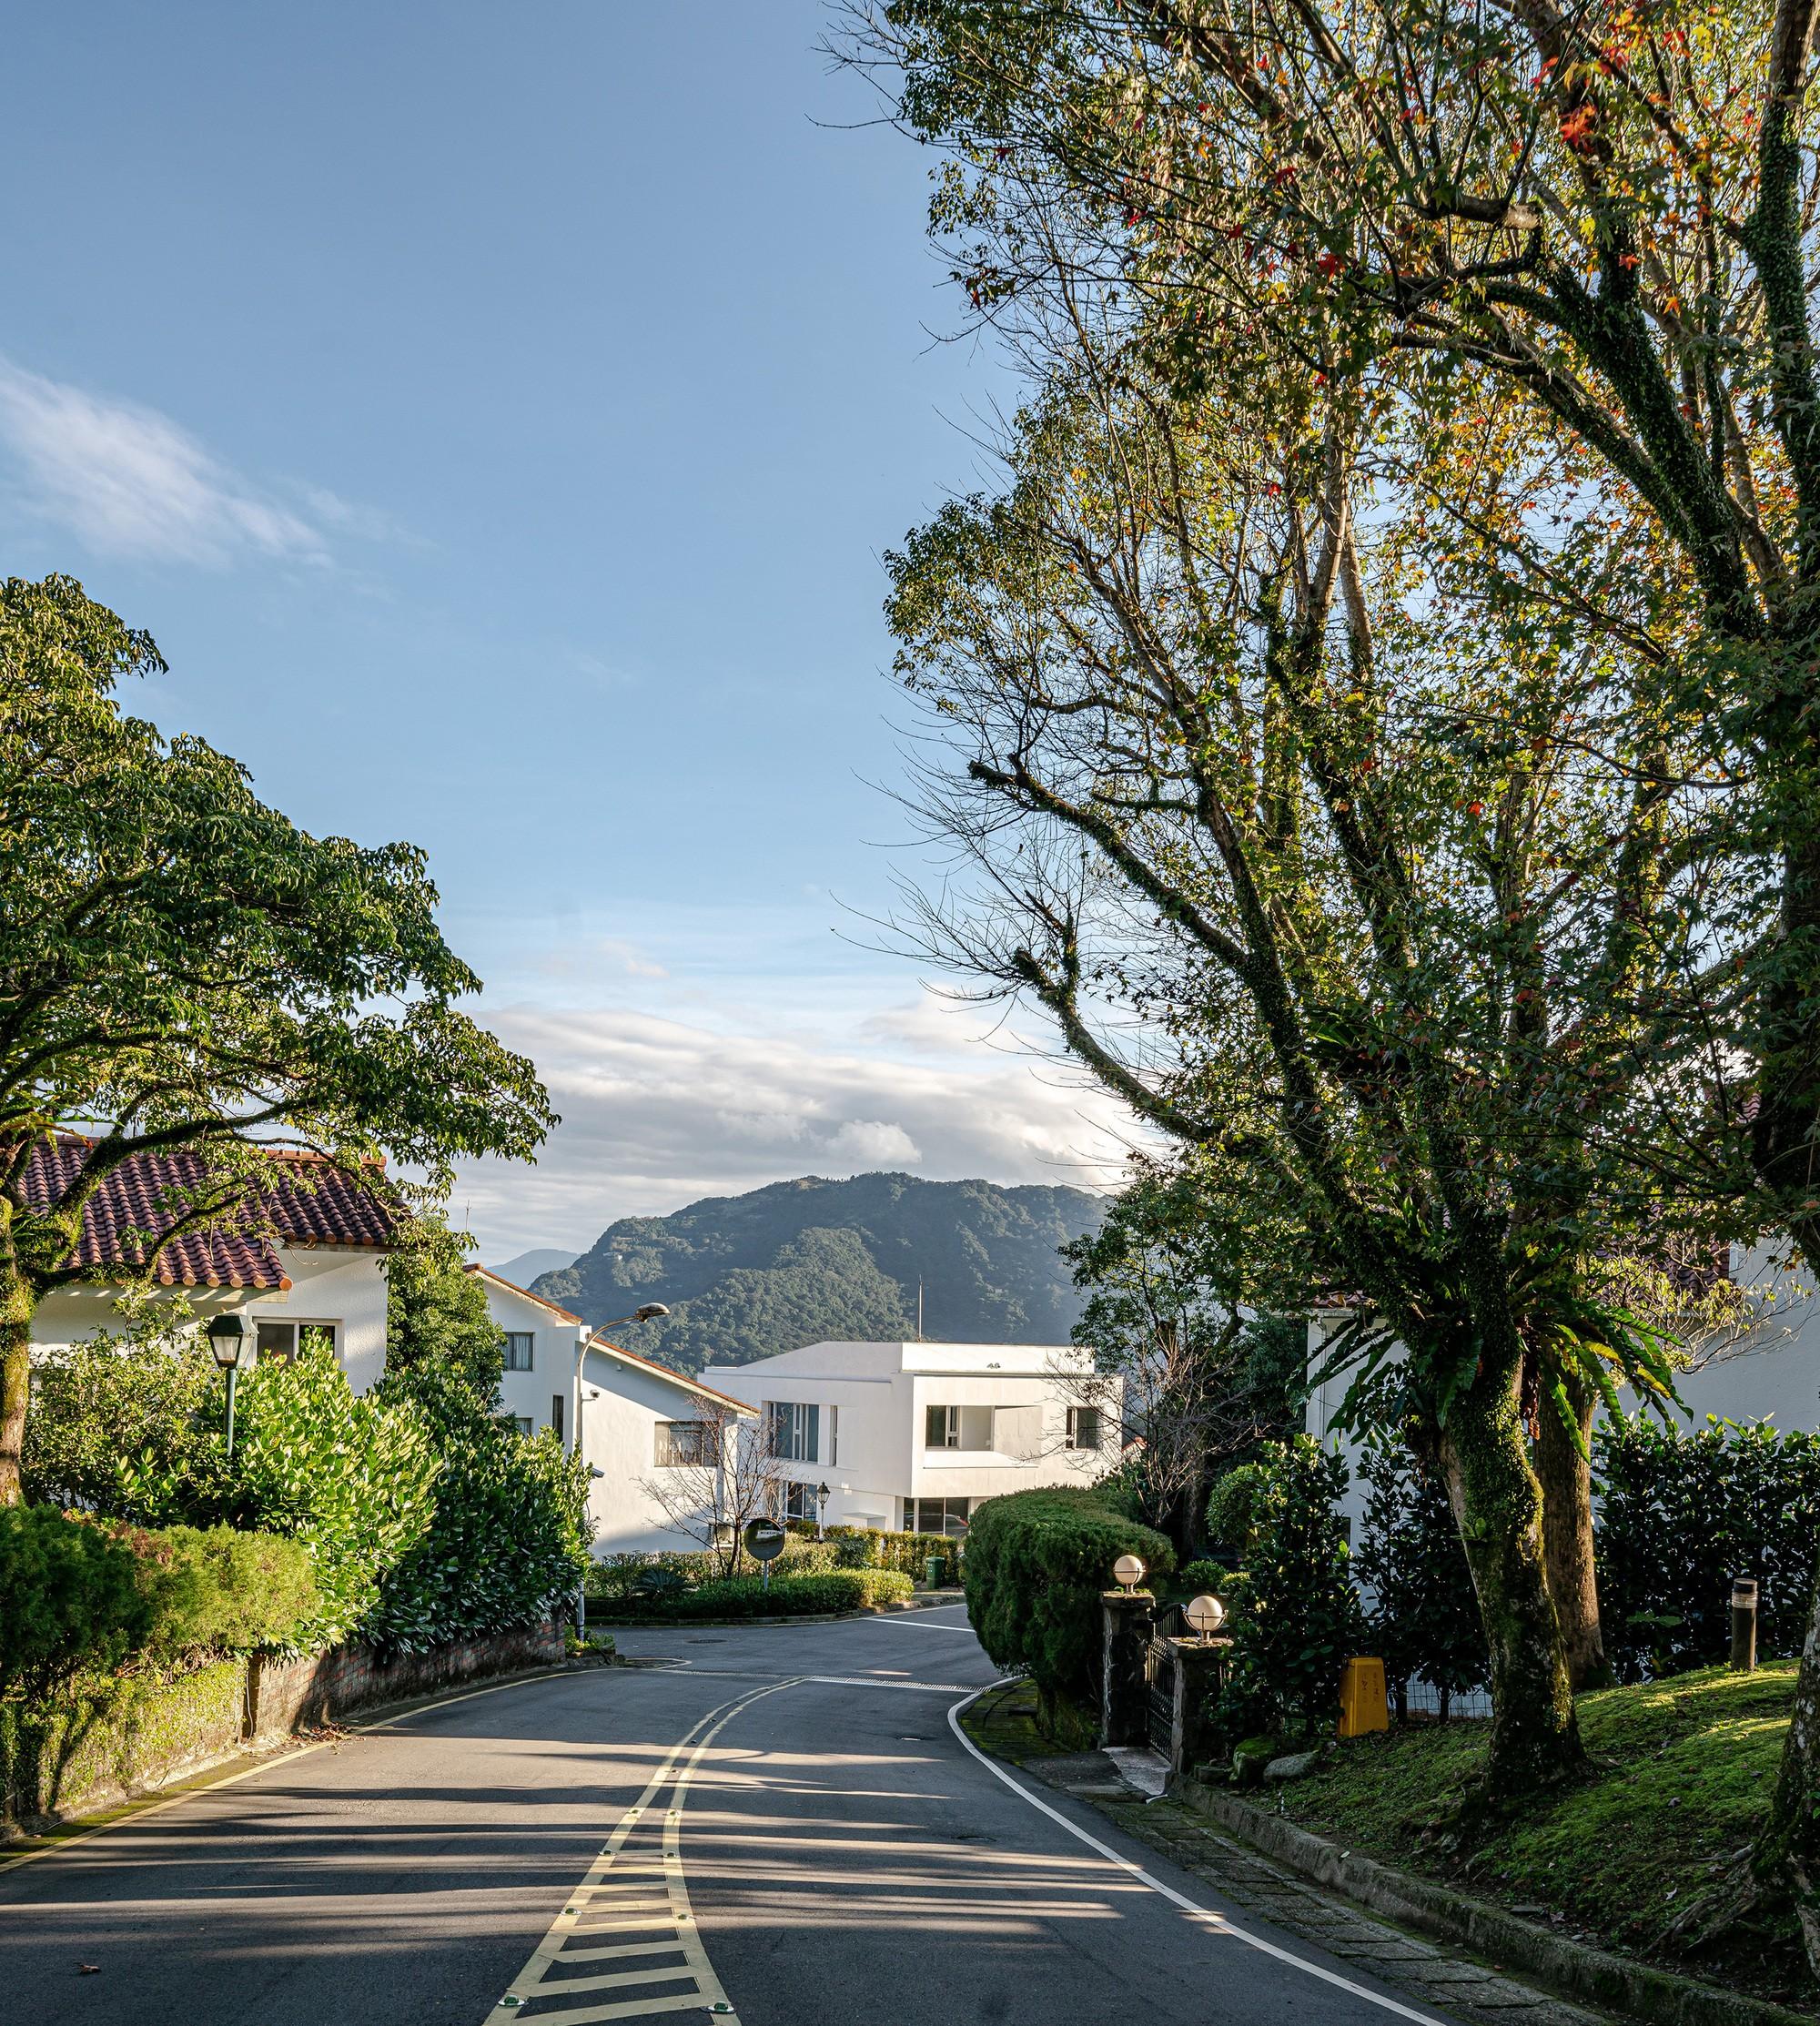 Вилла с роскошным дизайном, вдохновленным горными пейзажами, Тайвань